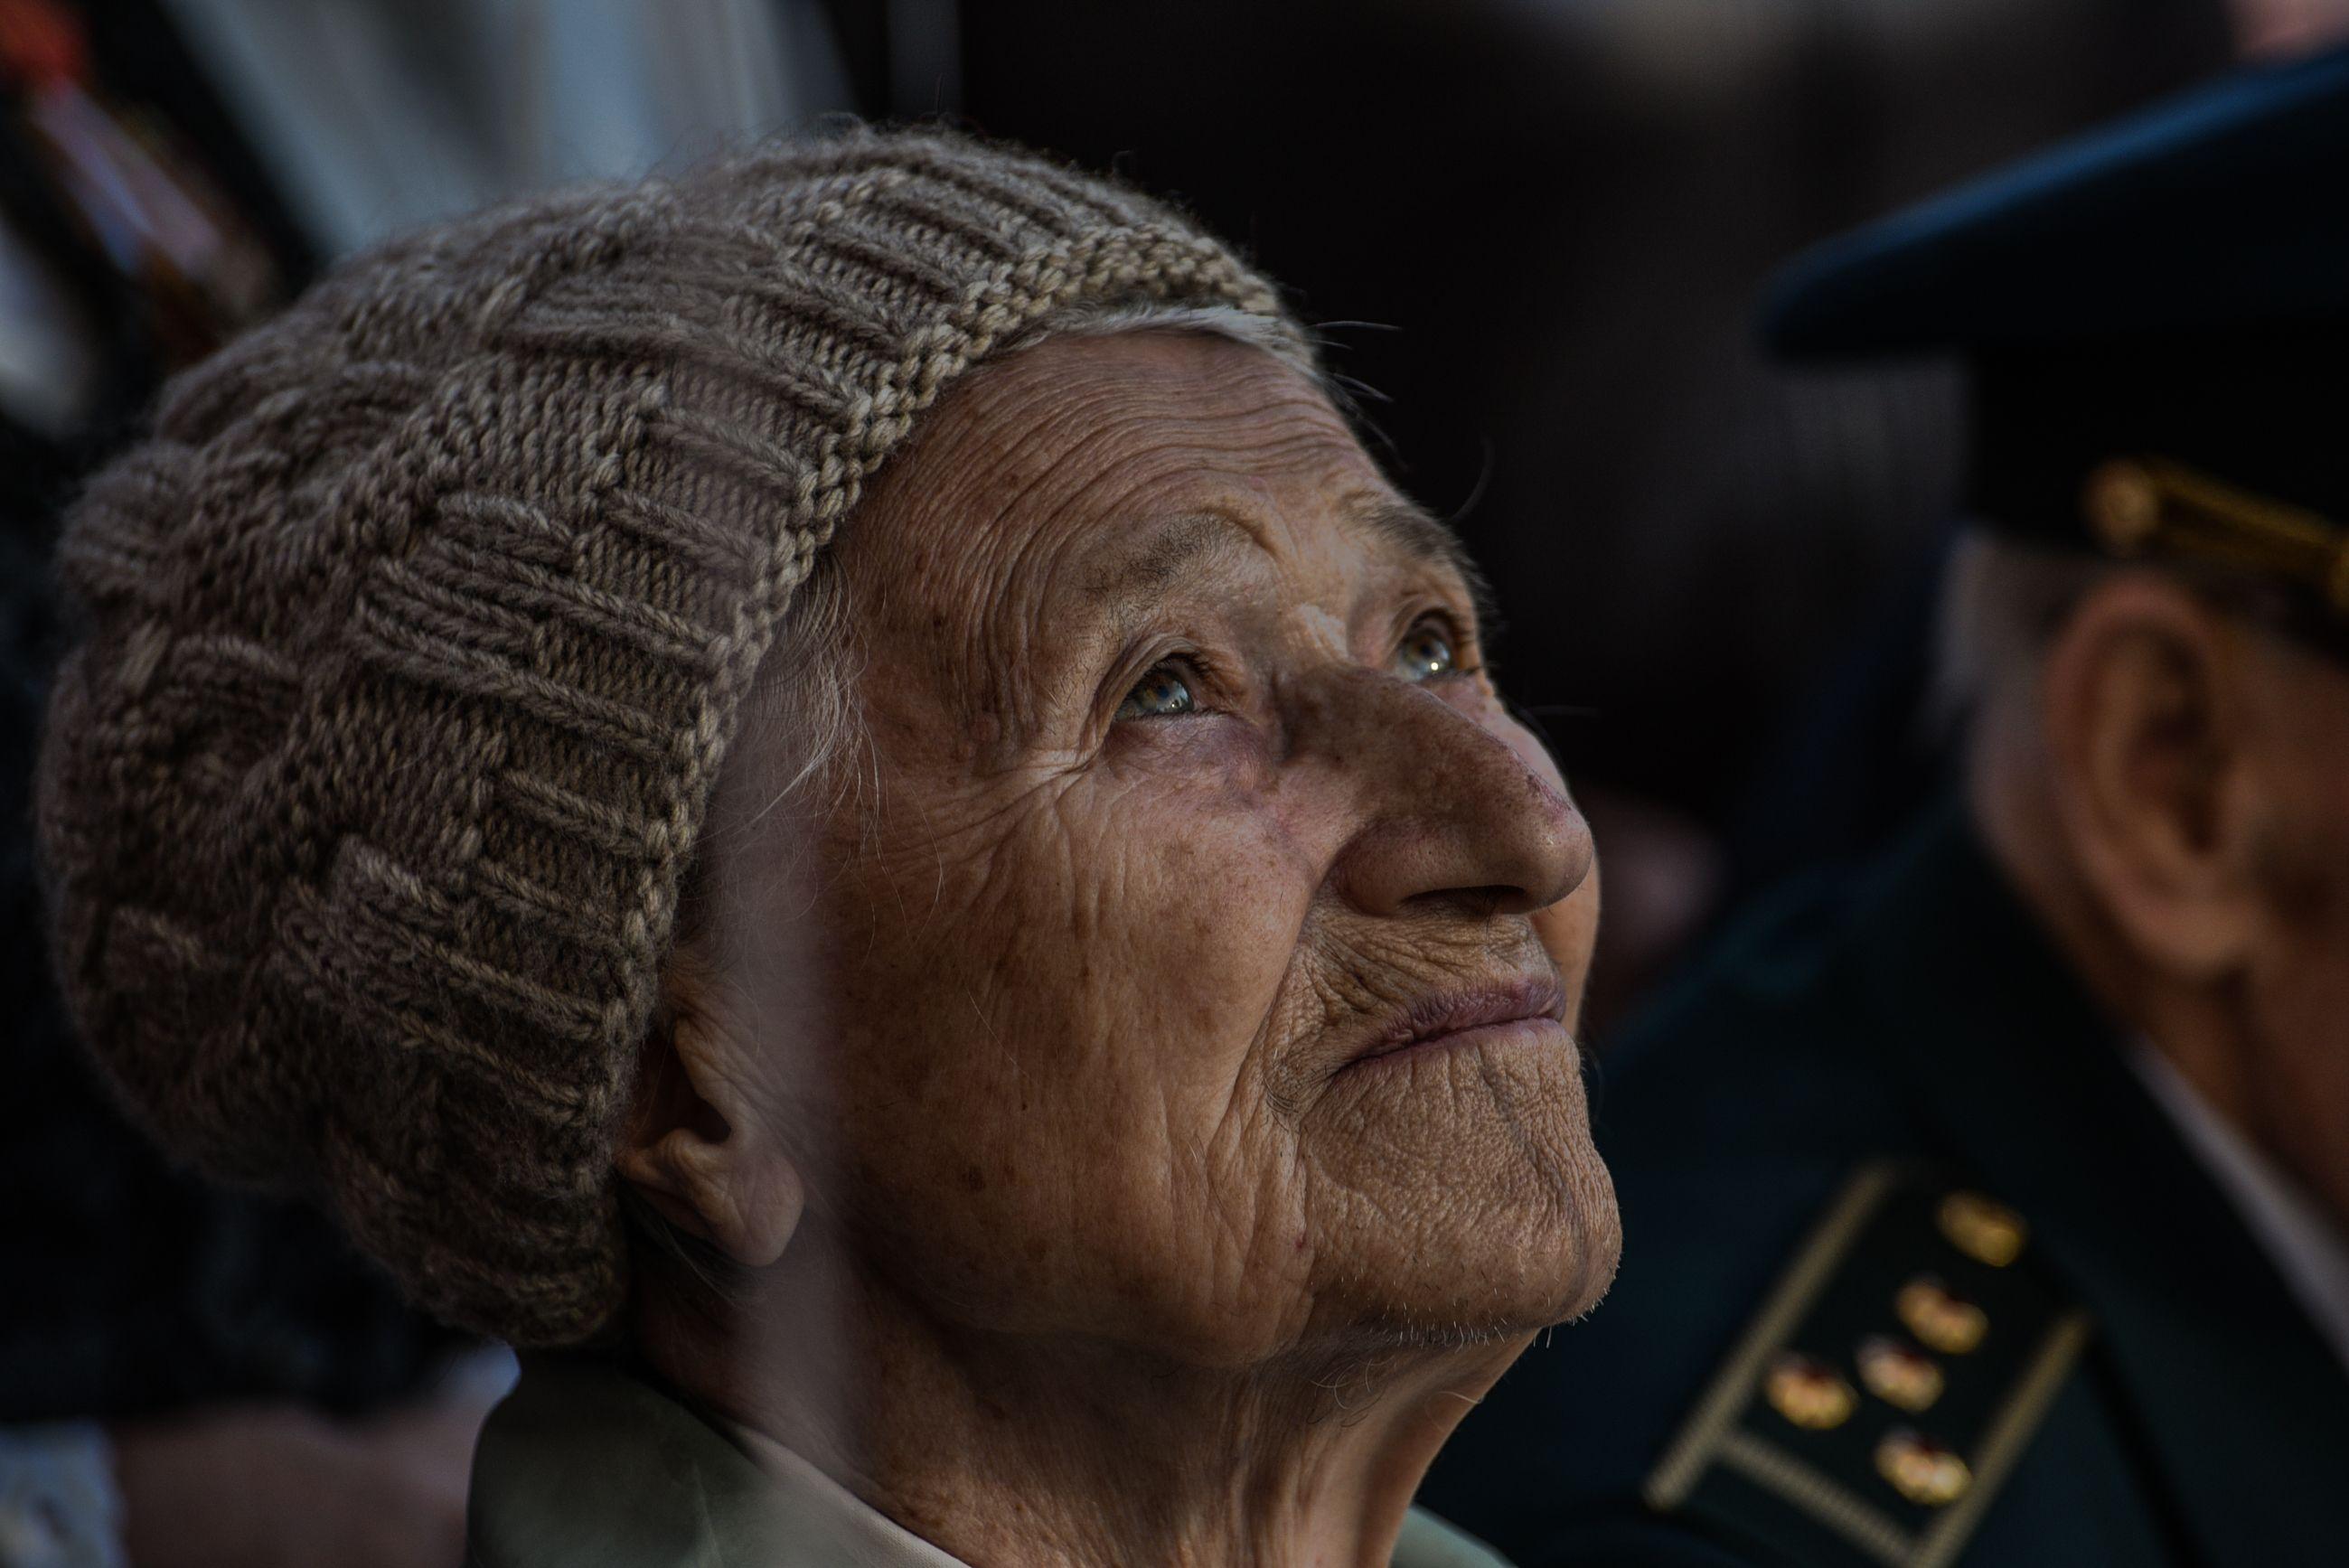 Встречу с ветеранами проведут в Мосрентгене